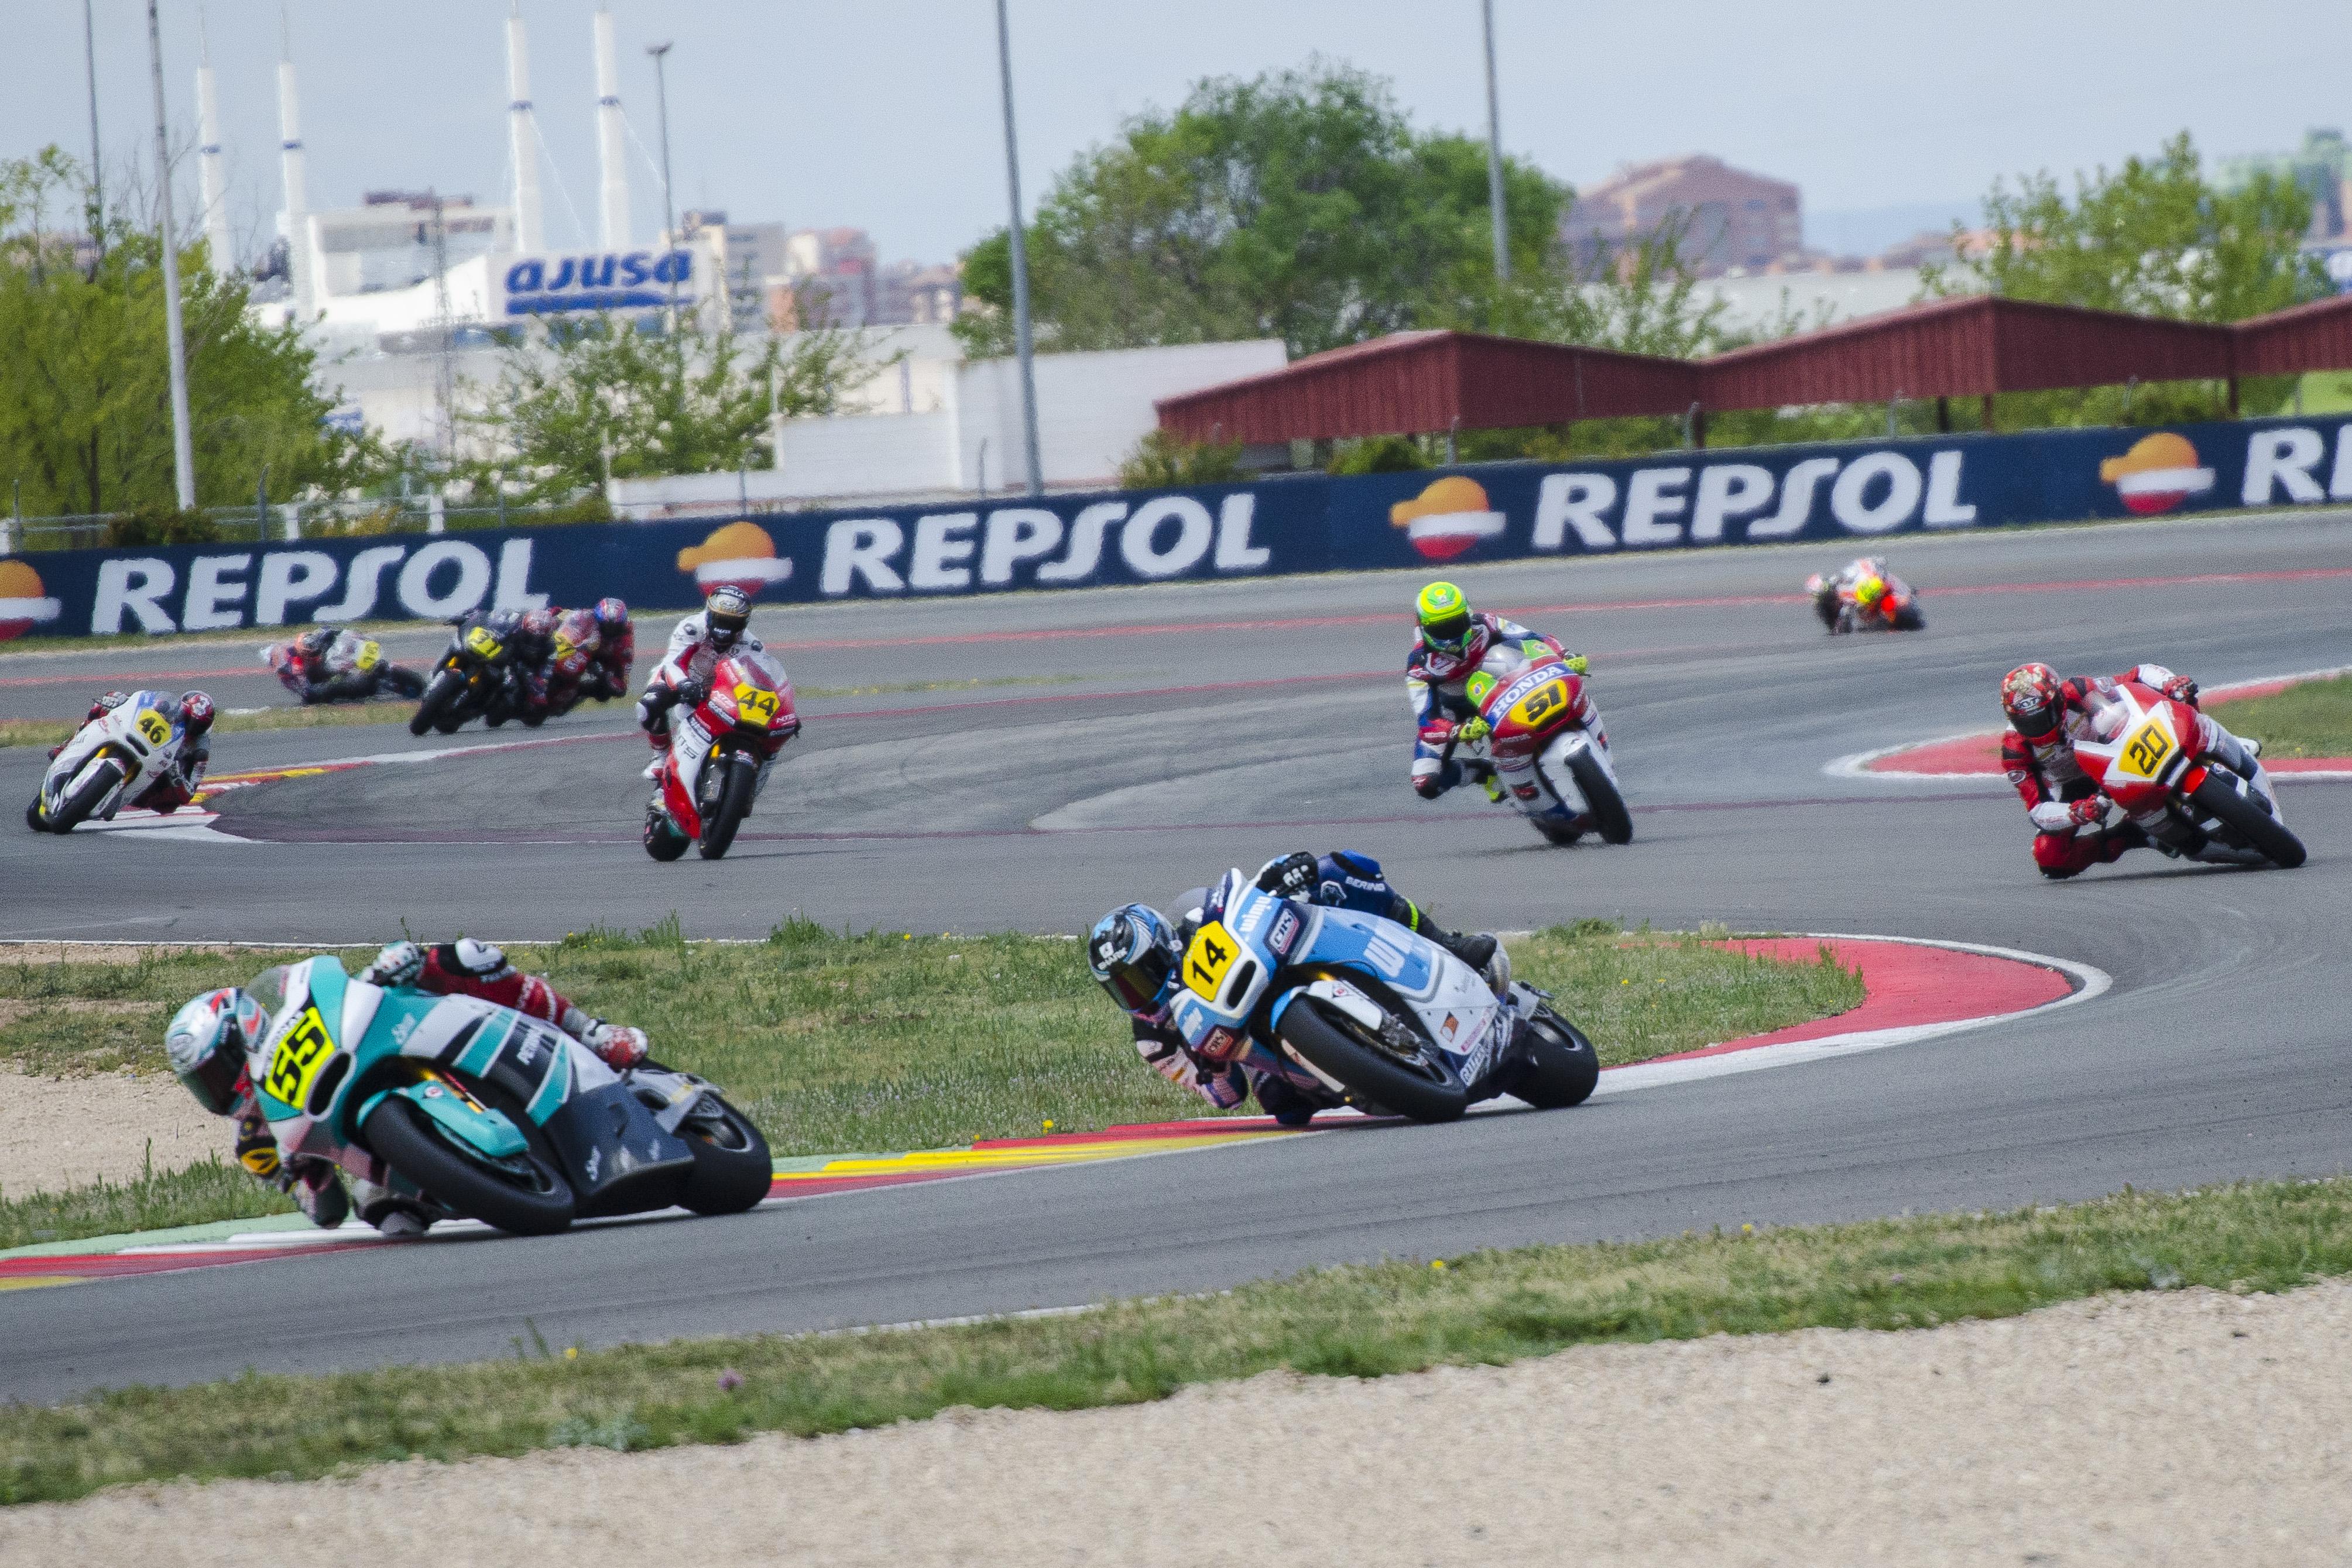 El Pescao gana la primera carrera del Europeo de Moto2